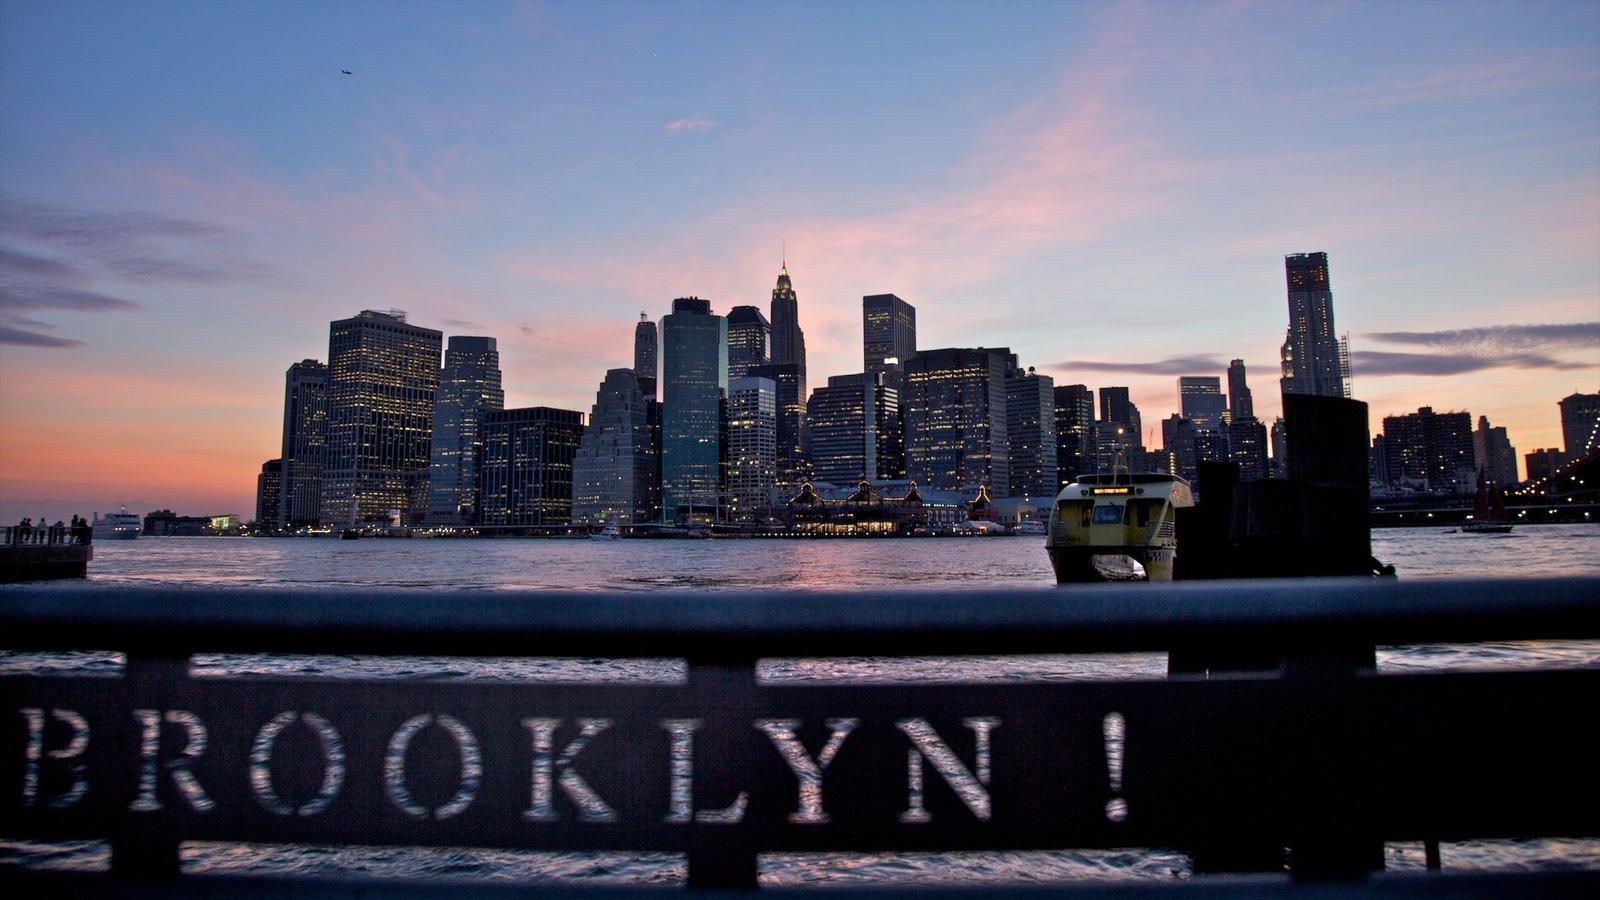 Brooklyn ofreciendo señalización, una ciudad y una bahía o puerto